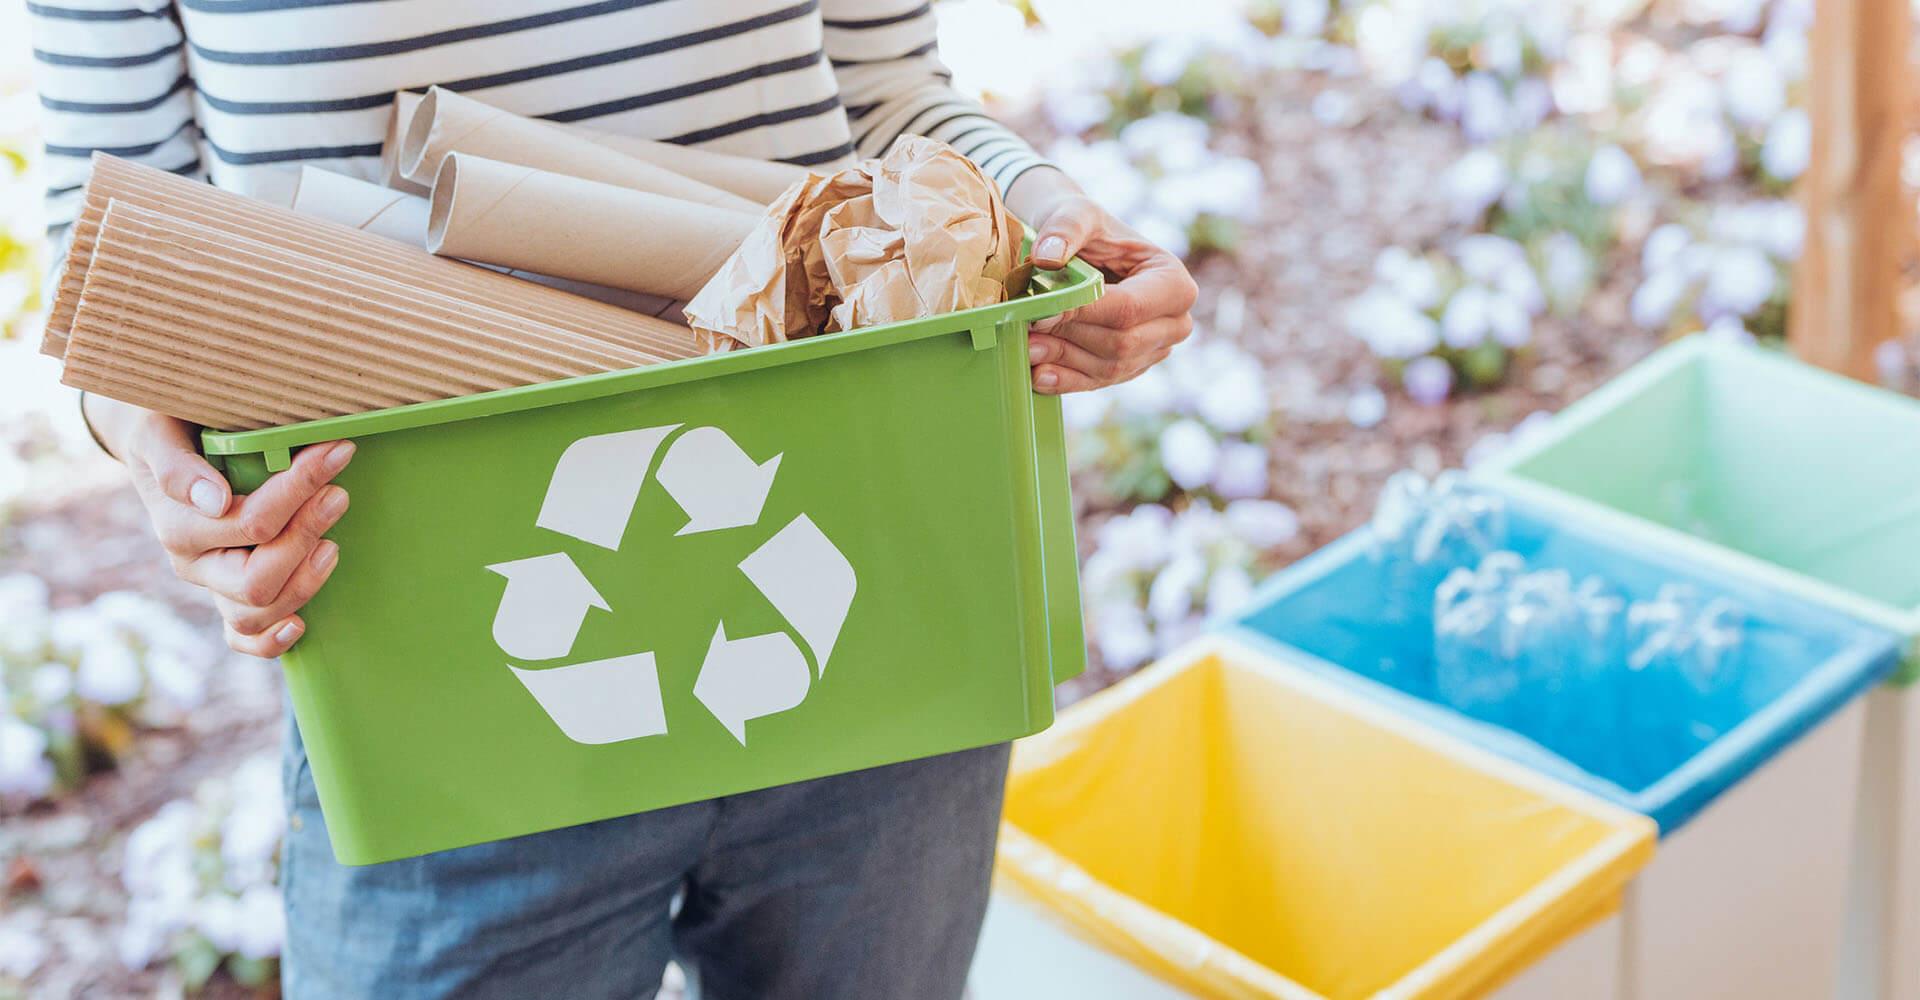 Frau bringt Müll zu Mülleimer vor der Haus